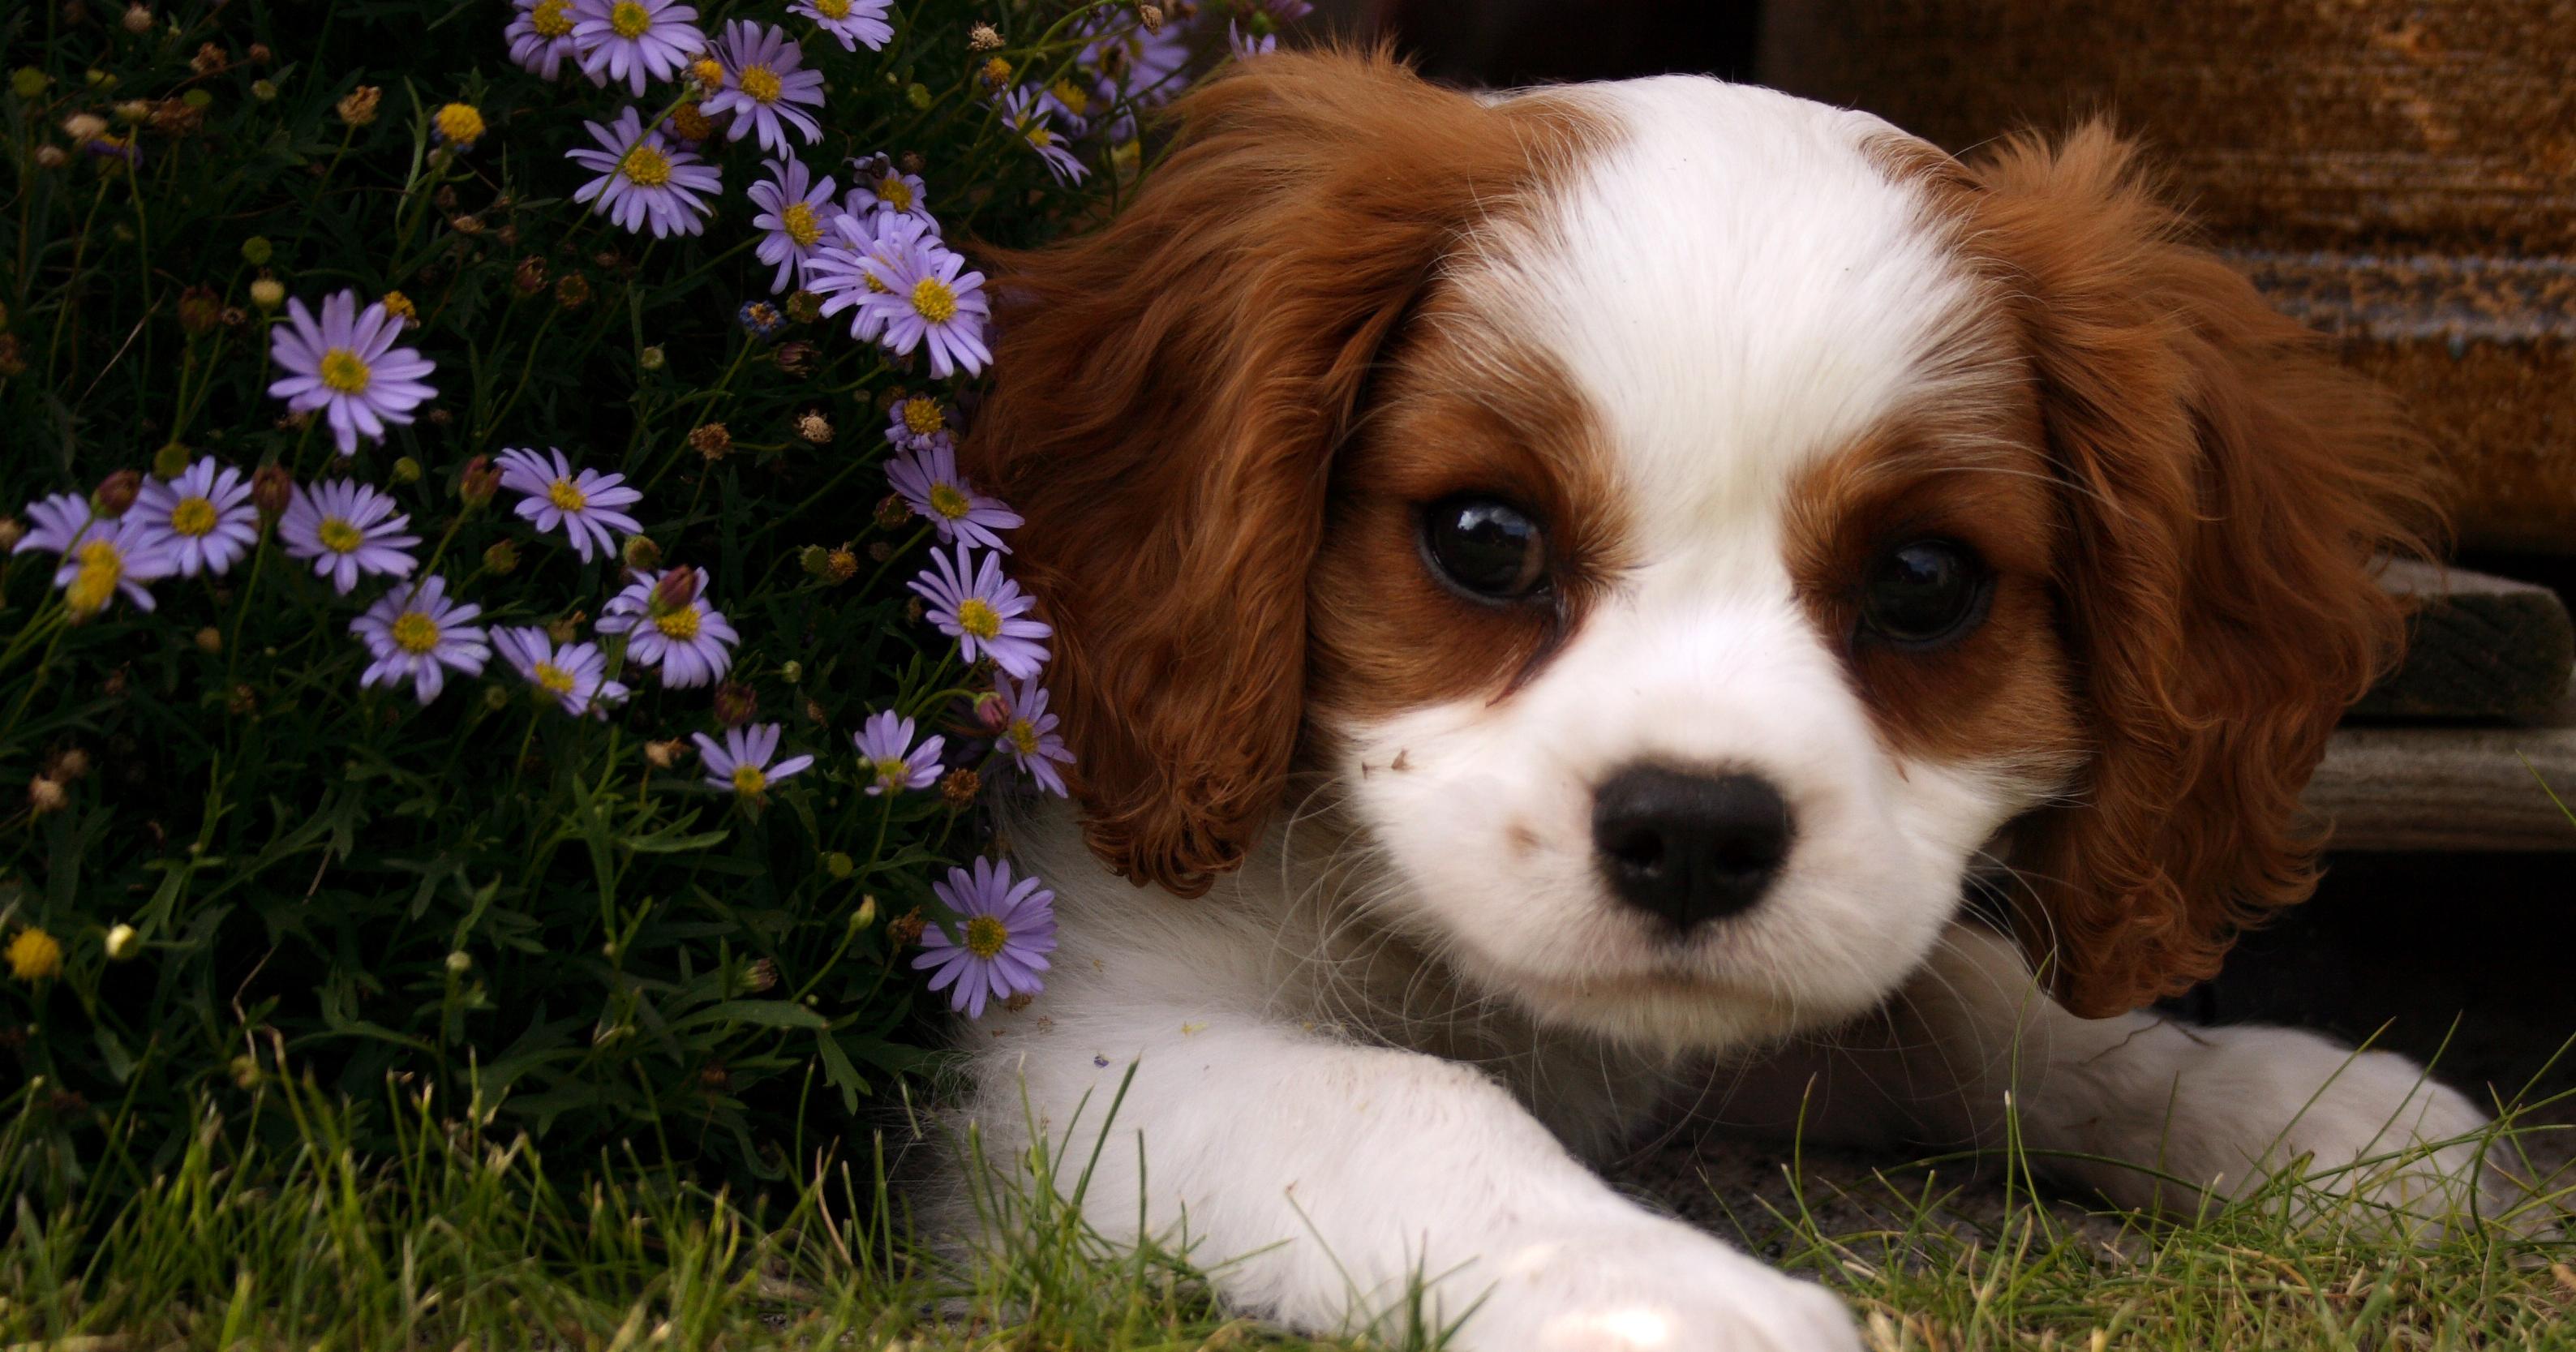 The Golden Paste for Dogs Starter Kit